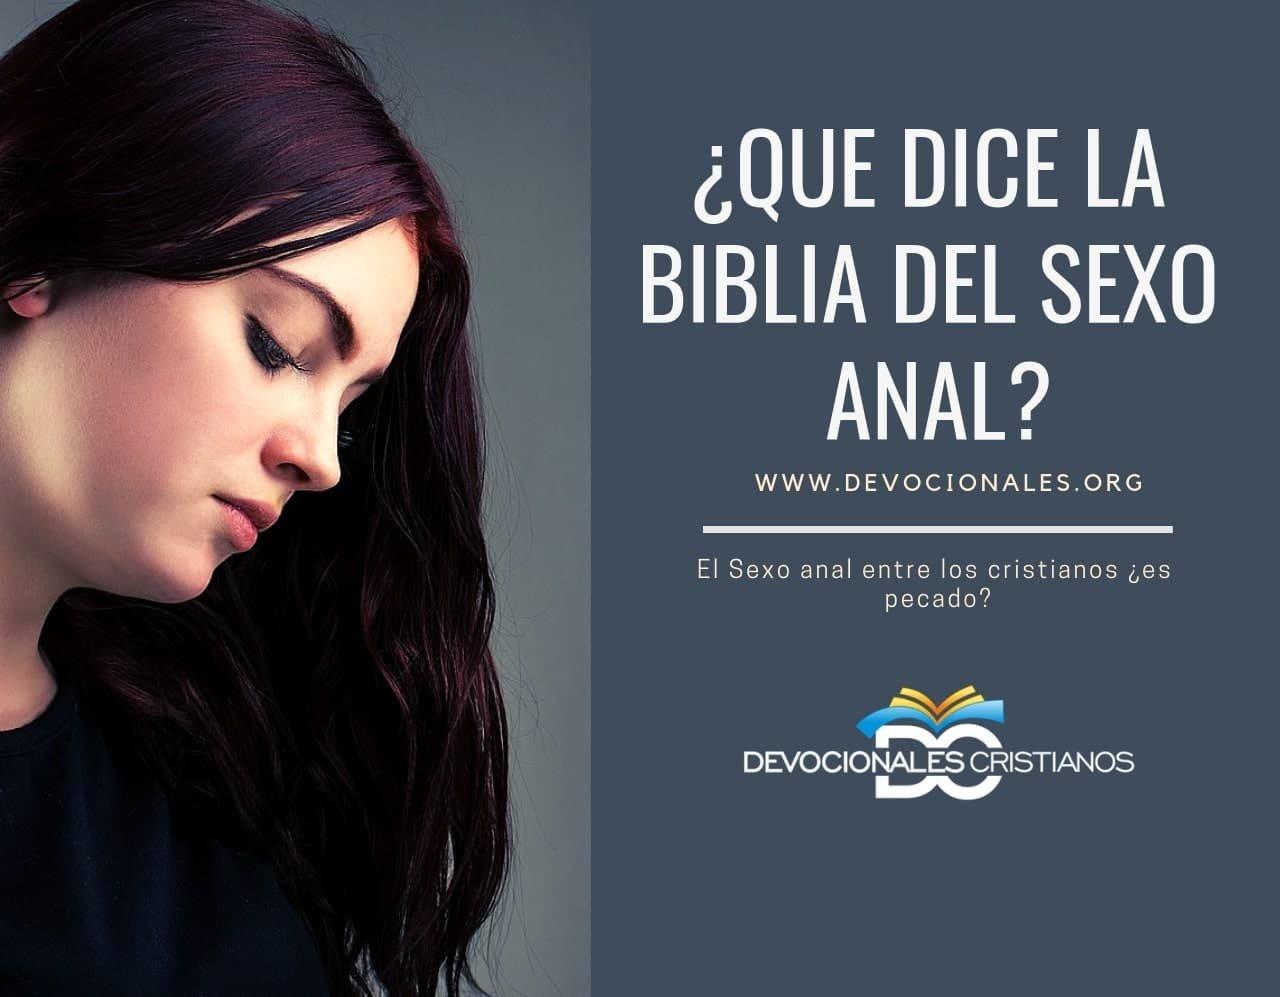 Consejería Cristiana: La Biblia - ¿Y qué del sexo anal? †